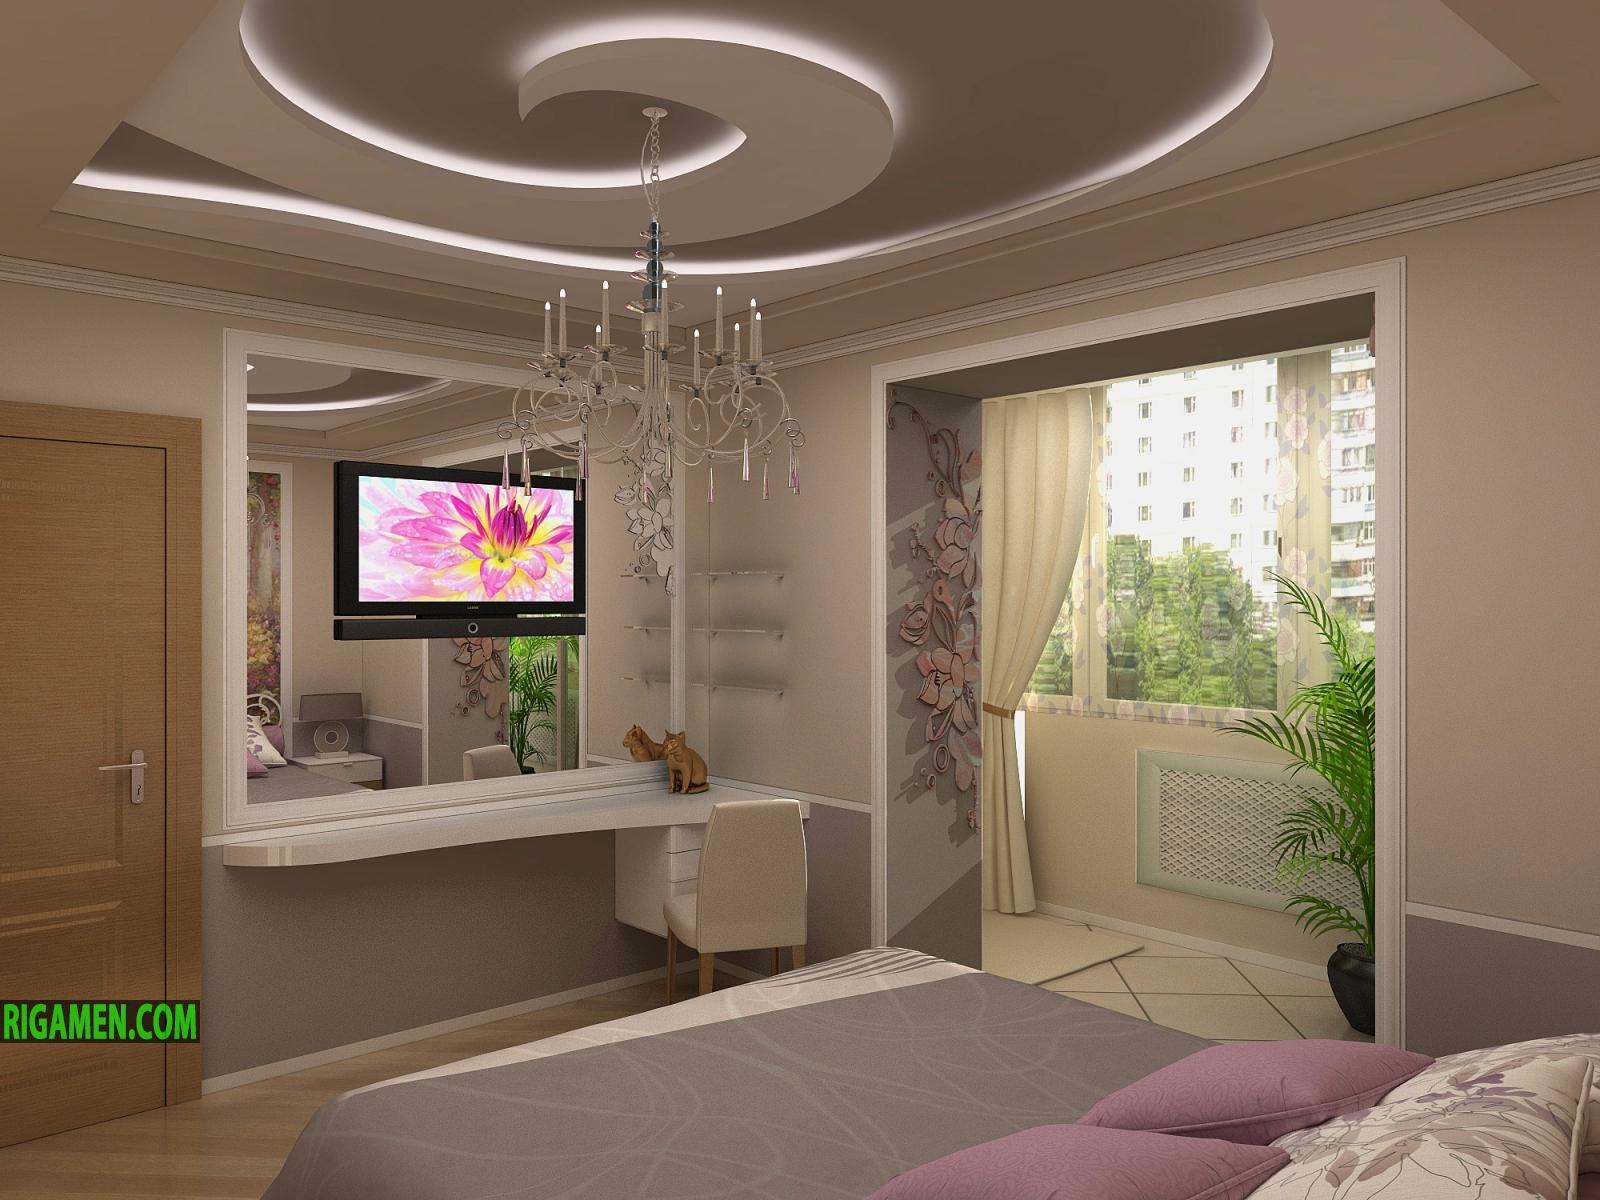 Дизайн спальной комнаты в панельном доме